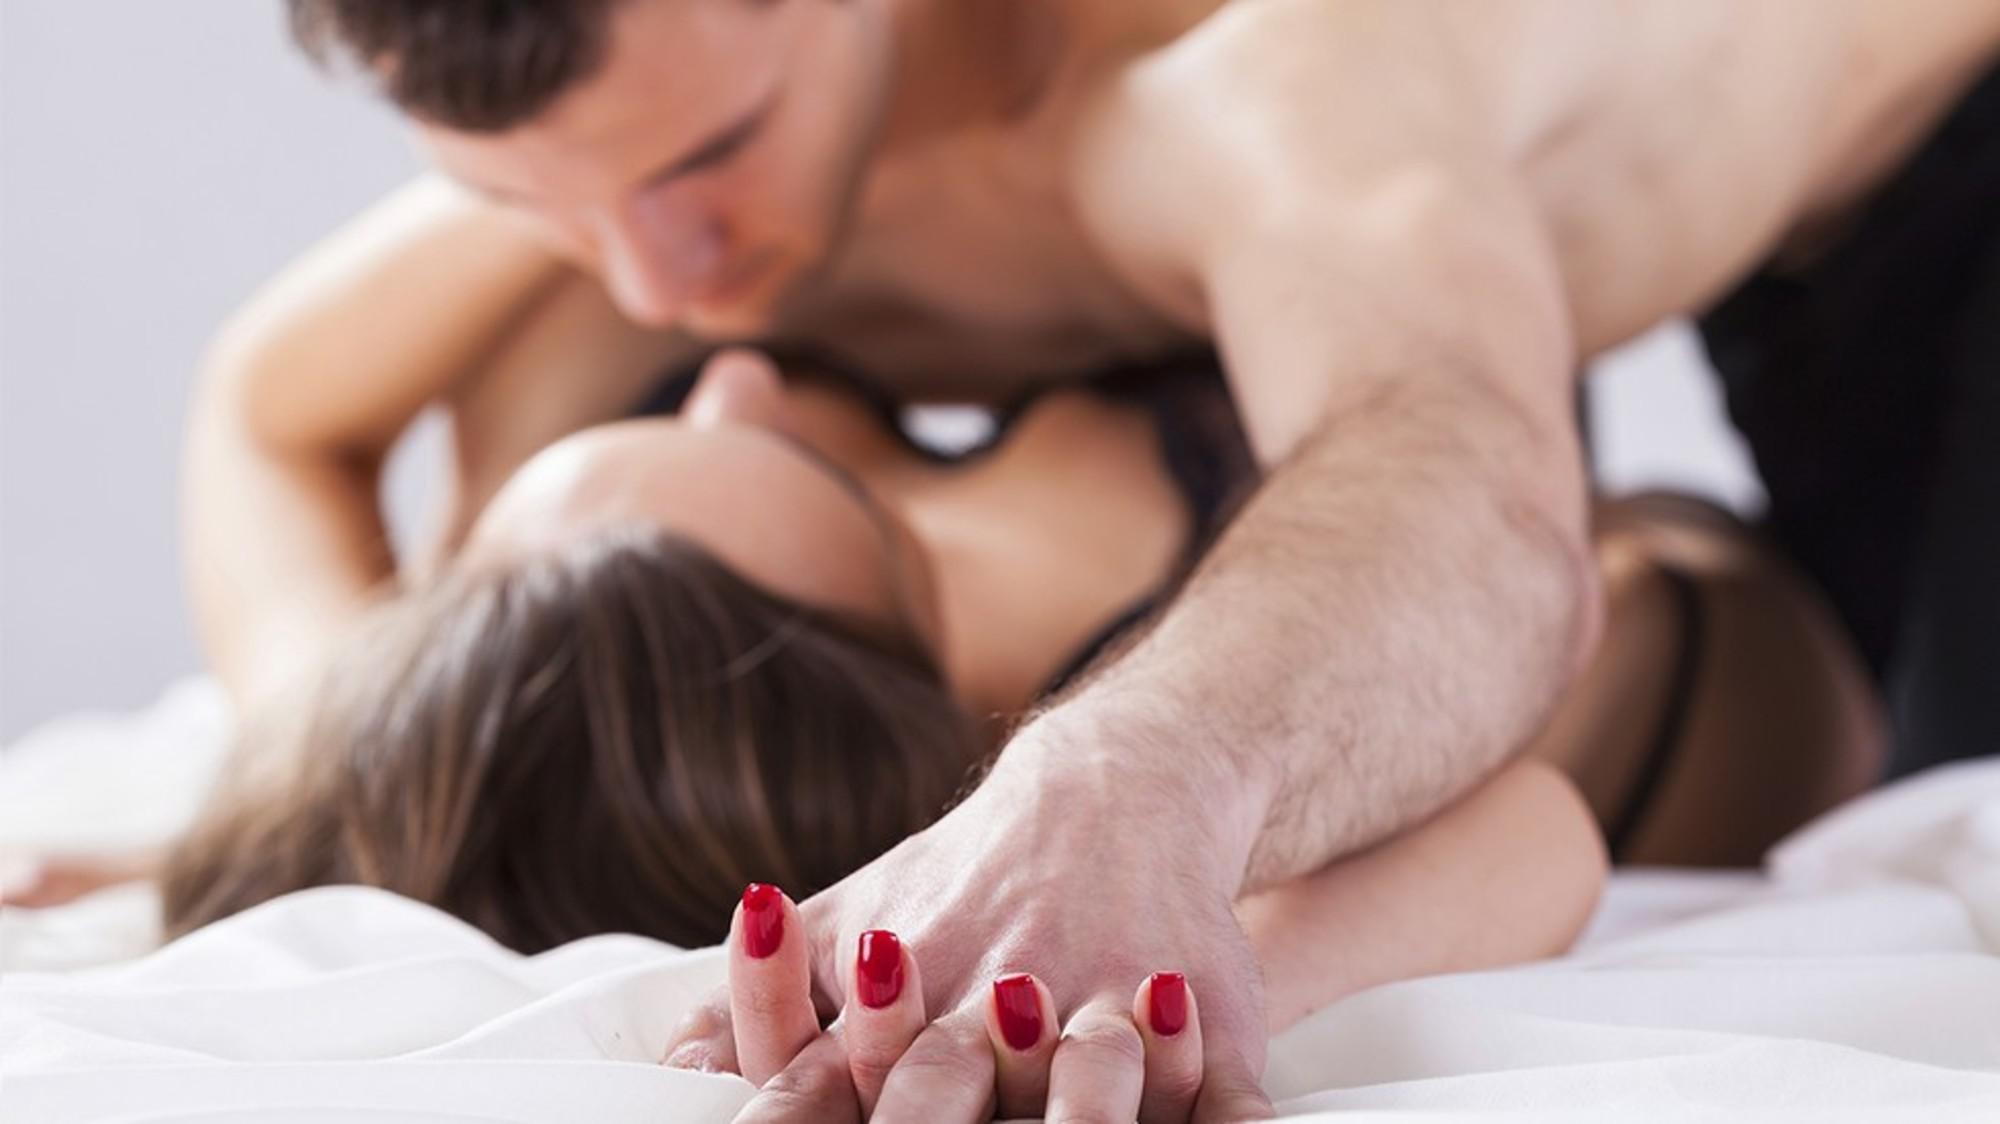 Секс ипорно в россии, Русское порно. Секс с русскими девушками. Смотреть 13 фотография